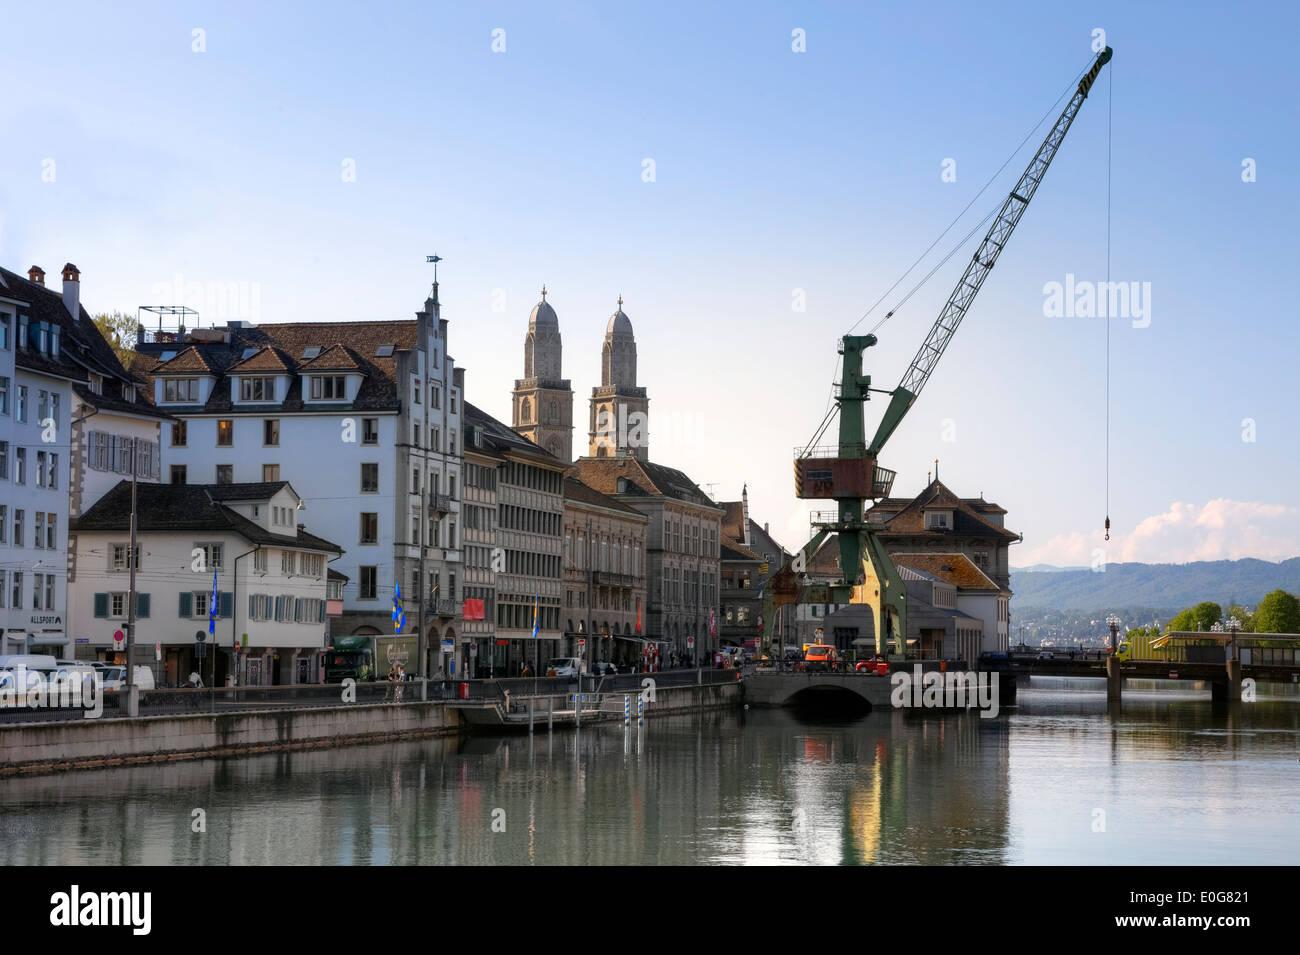 Zurich, Grossmuenster, building crane, Limmat, Switzerland - Stock Image